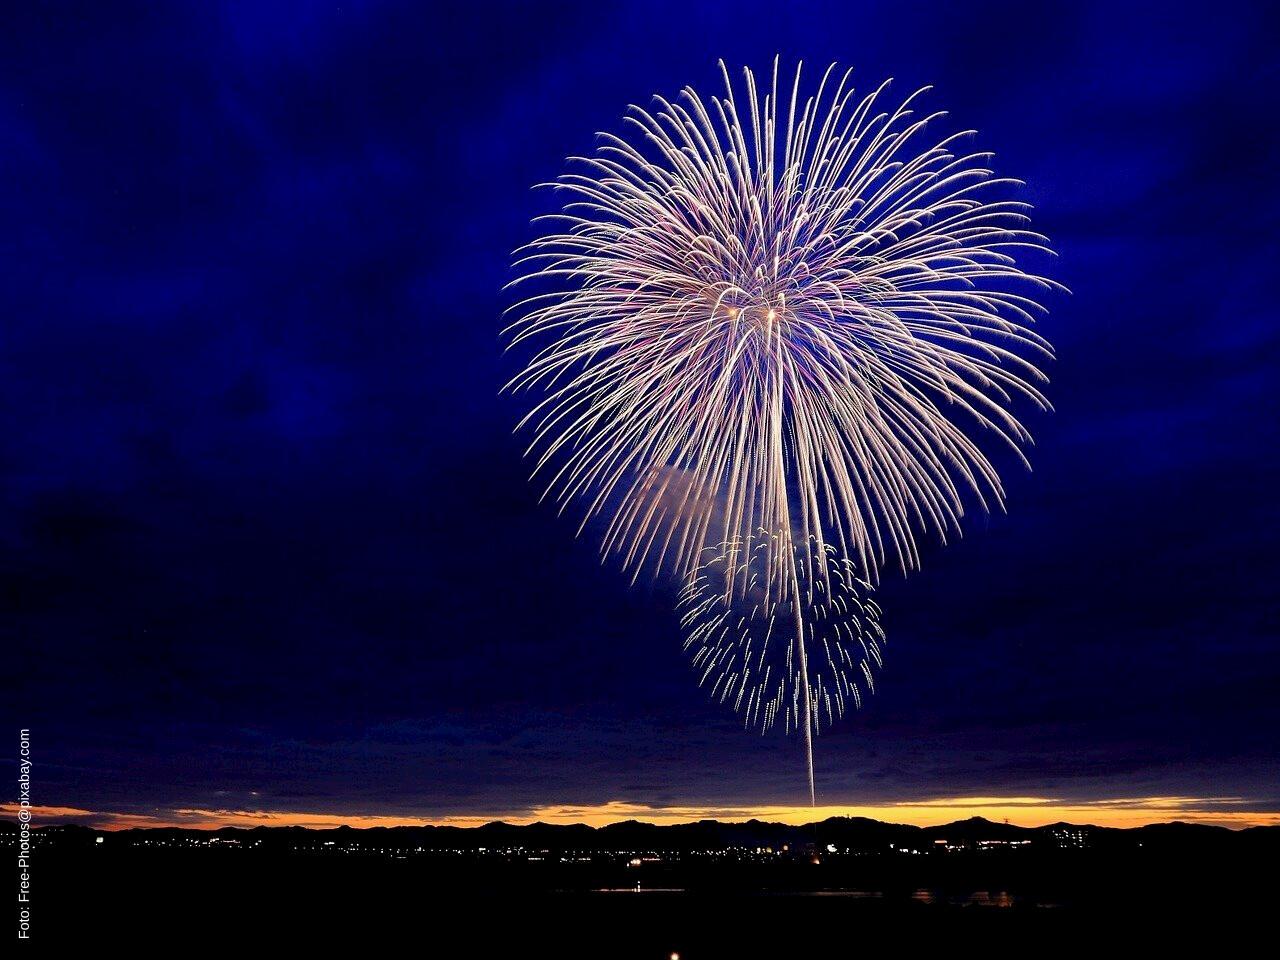 Antrag: Verbot von Feuerwerk in Kaufering an Silvester 2020